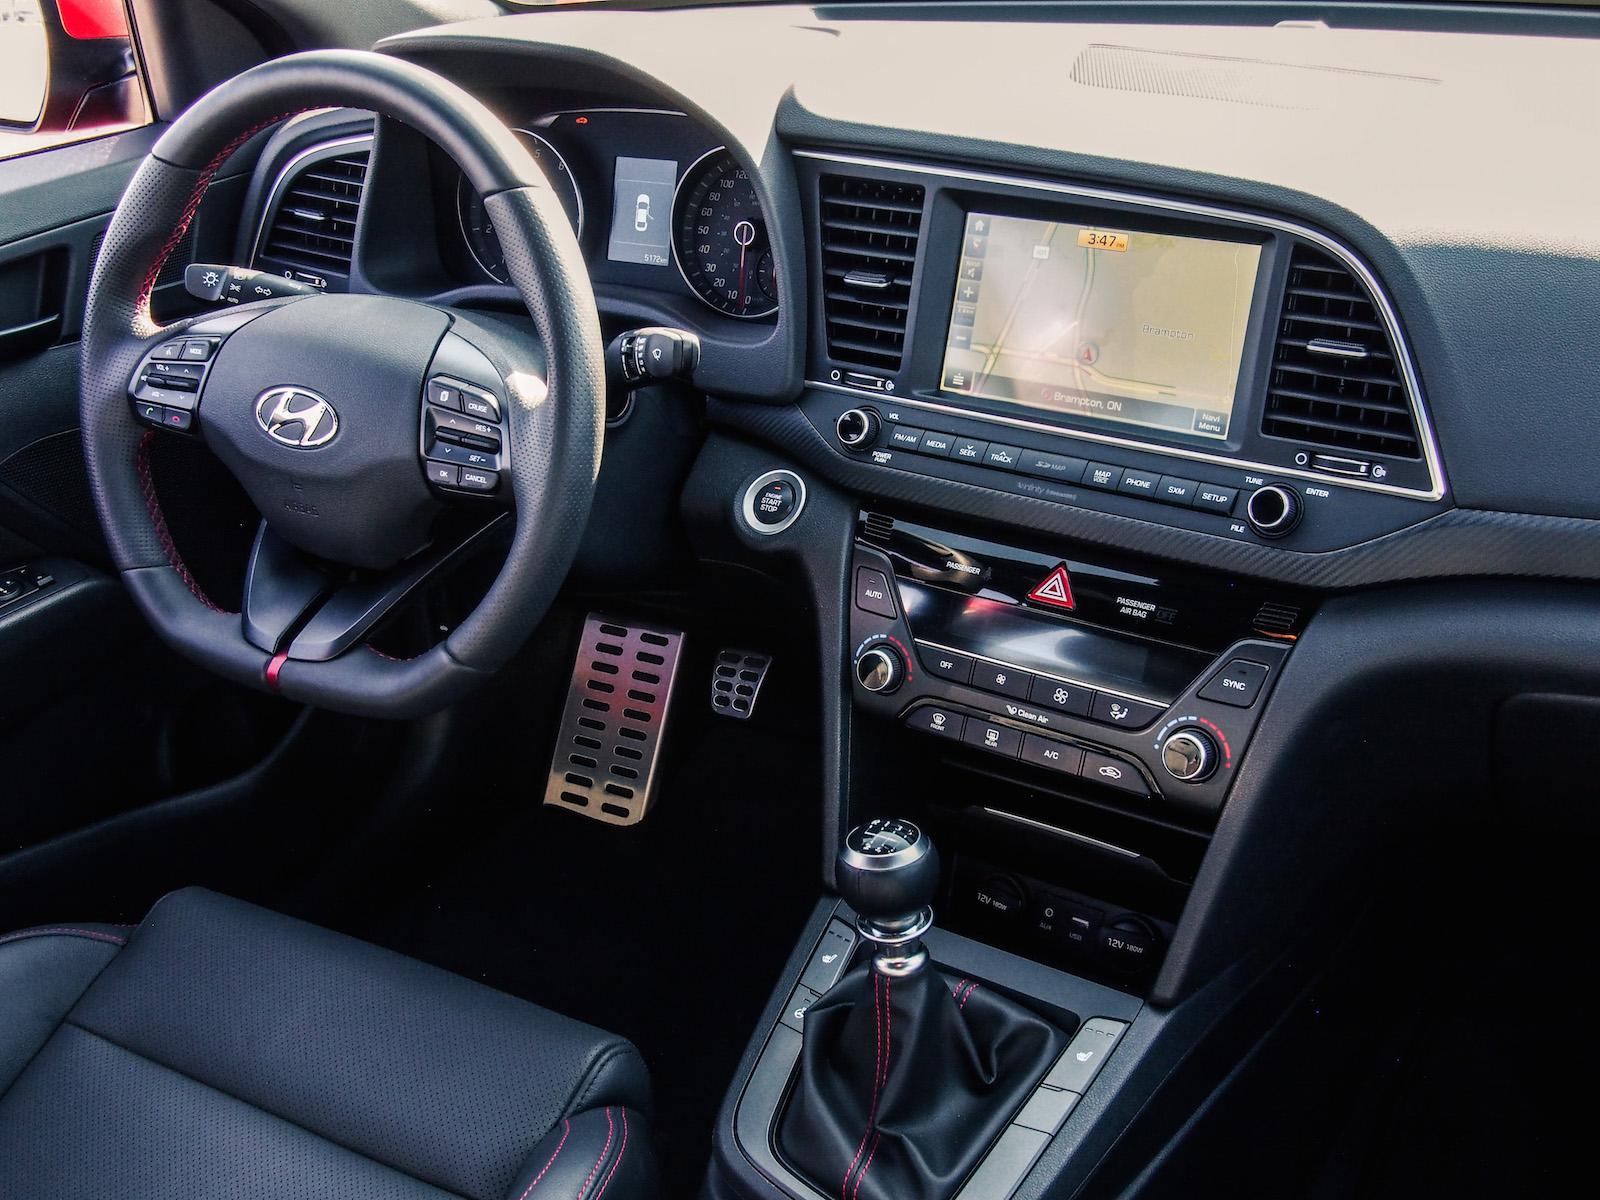 2017 hyundai elantra sport canadian auto review for Hyundai elantra sport interior